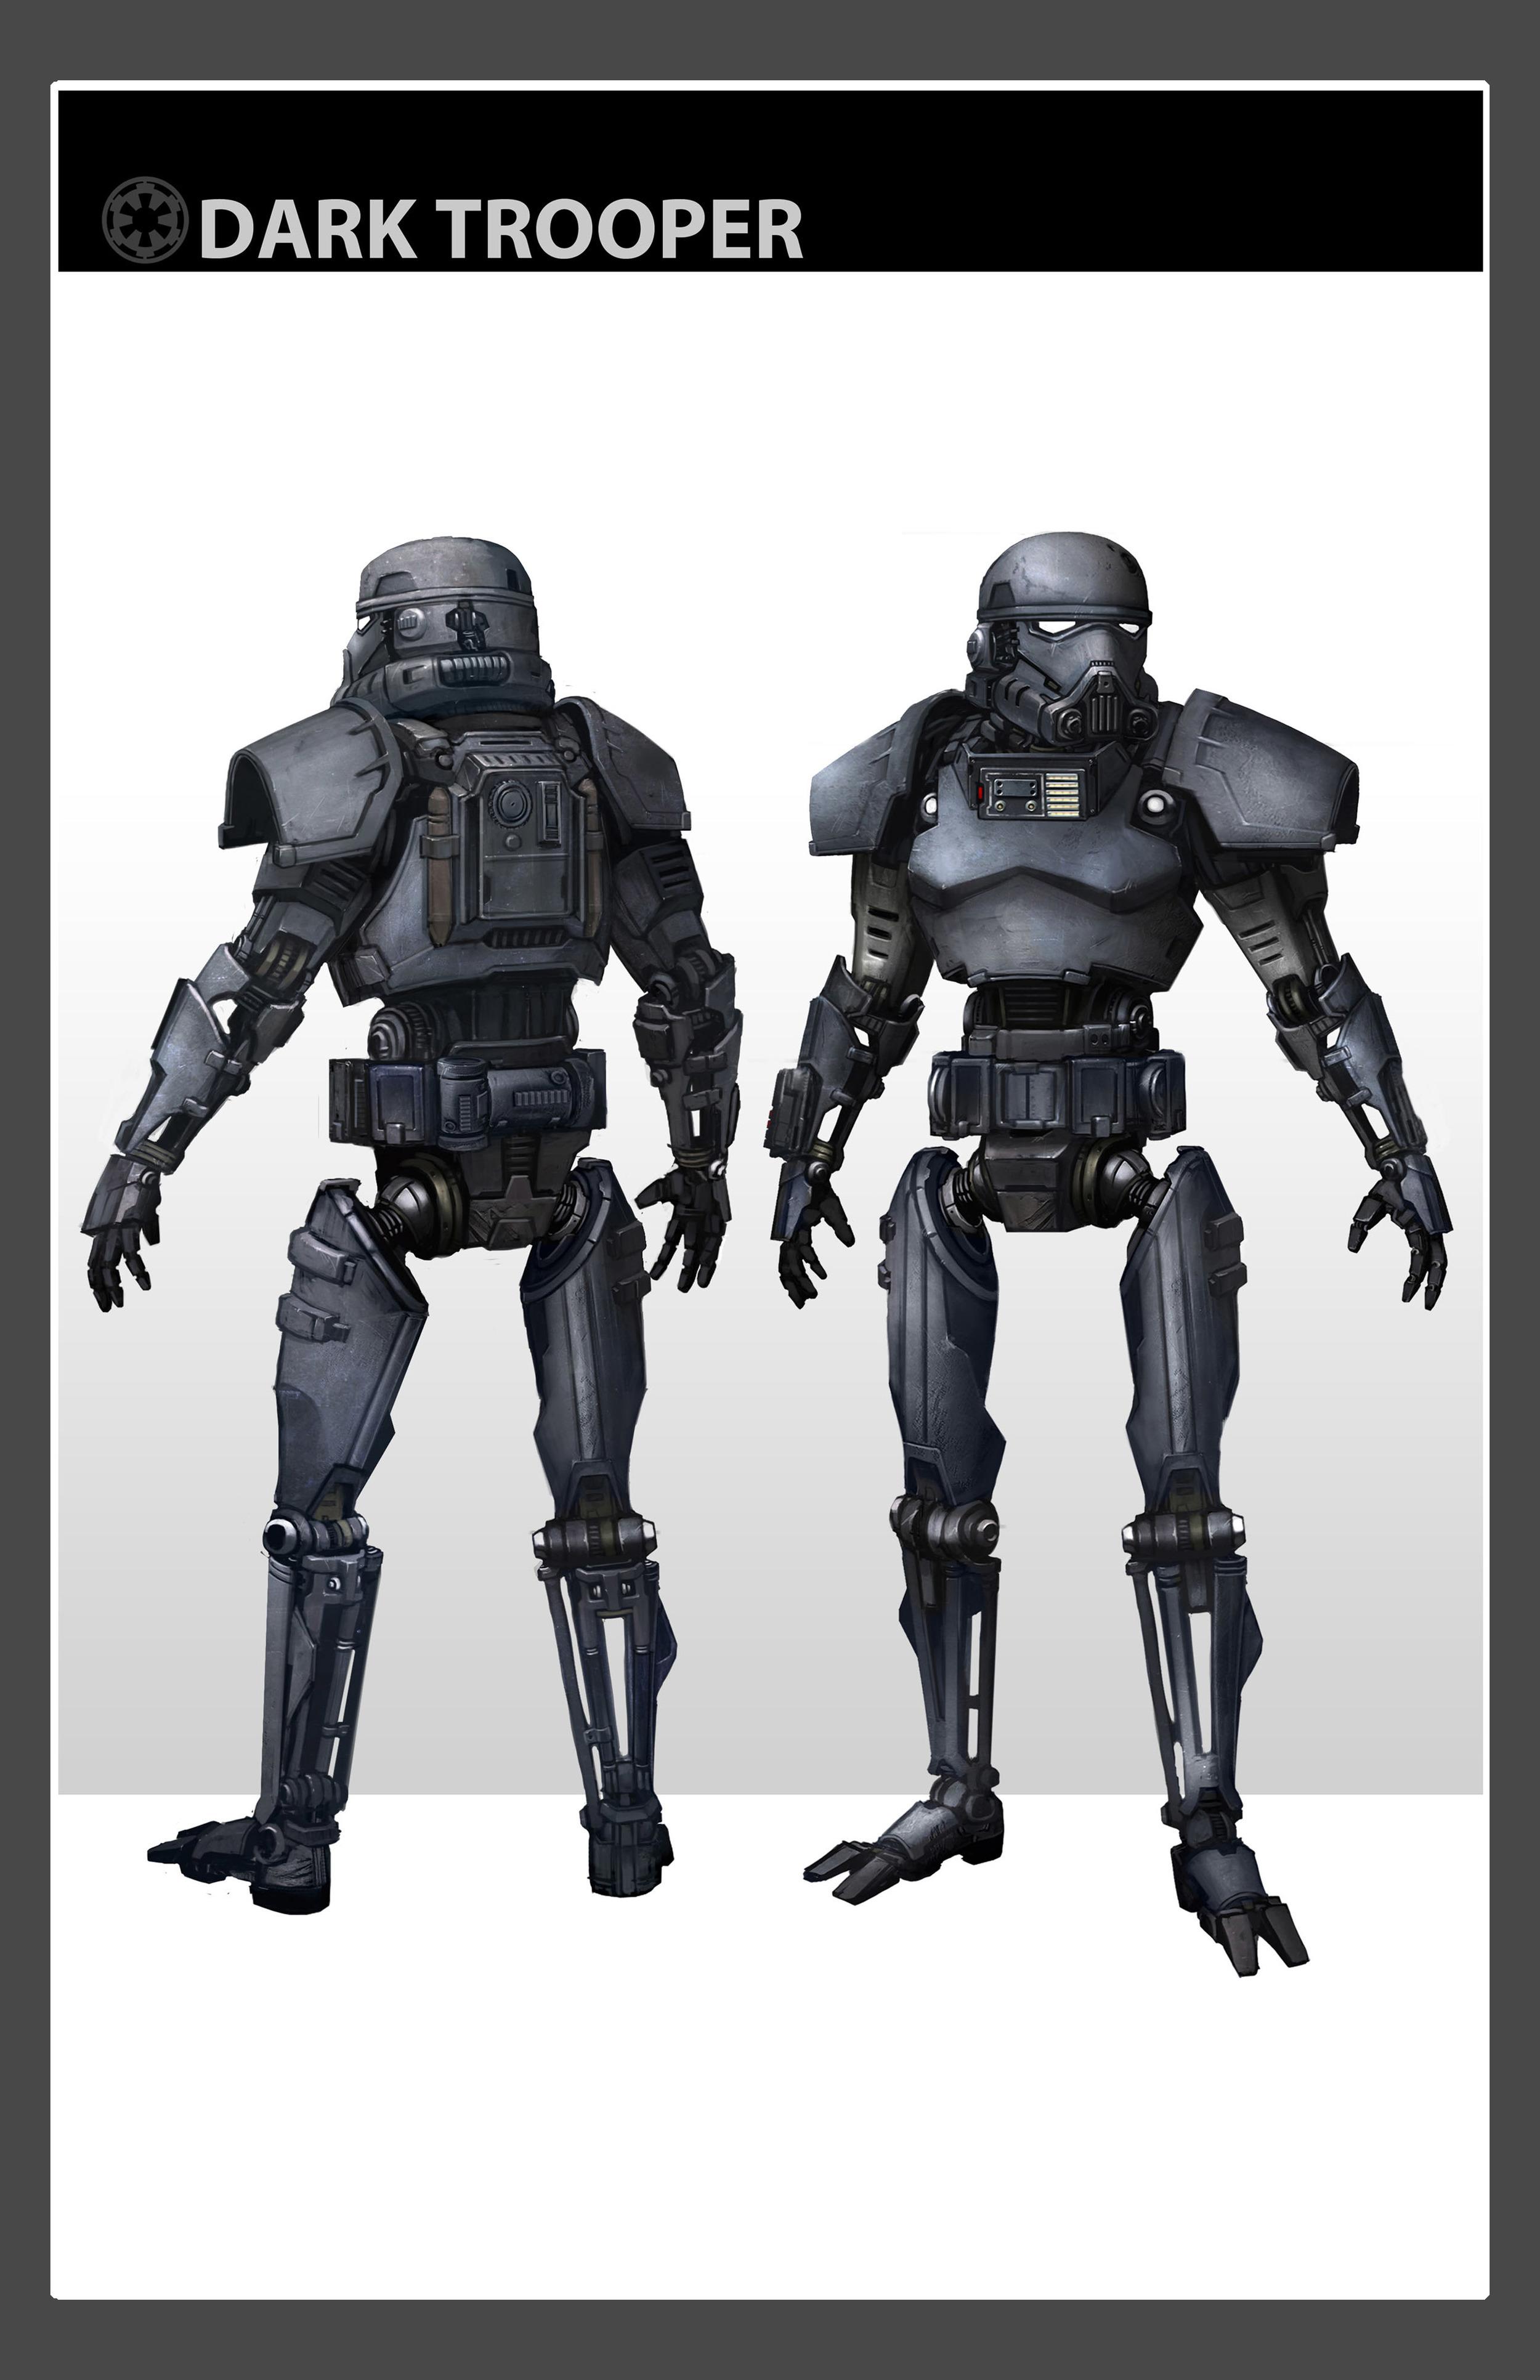 darktrooper2.jpg